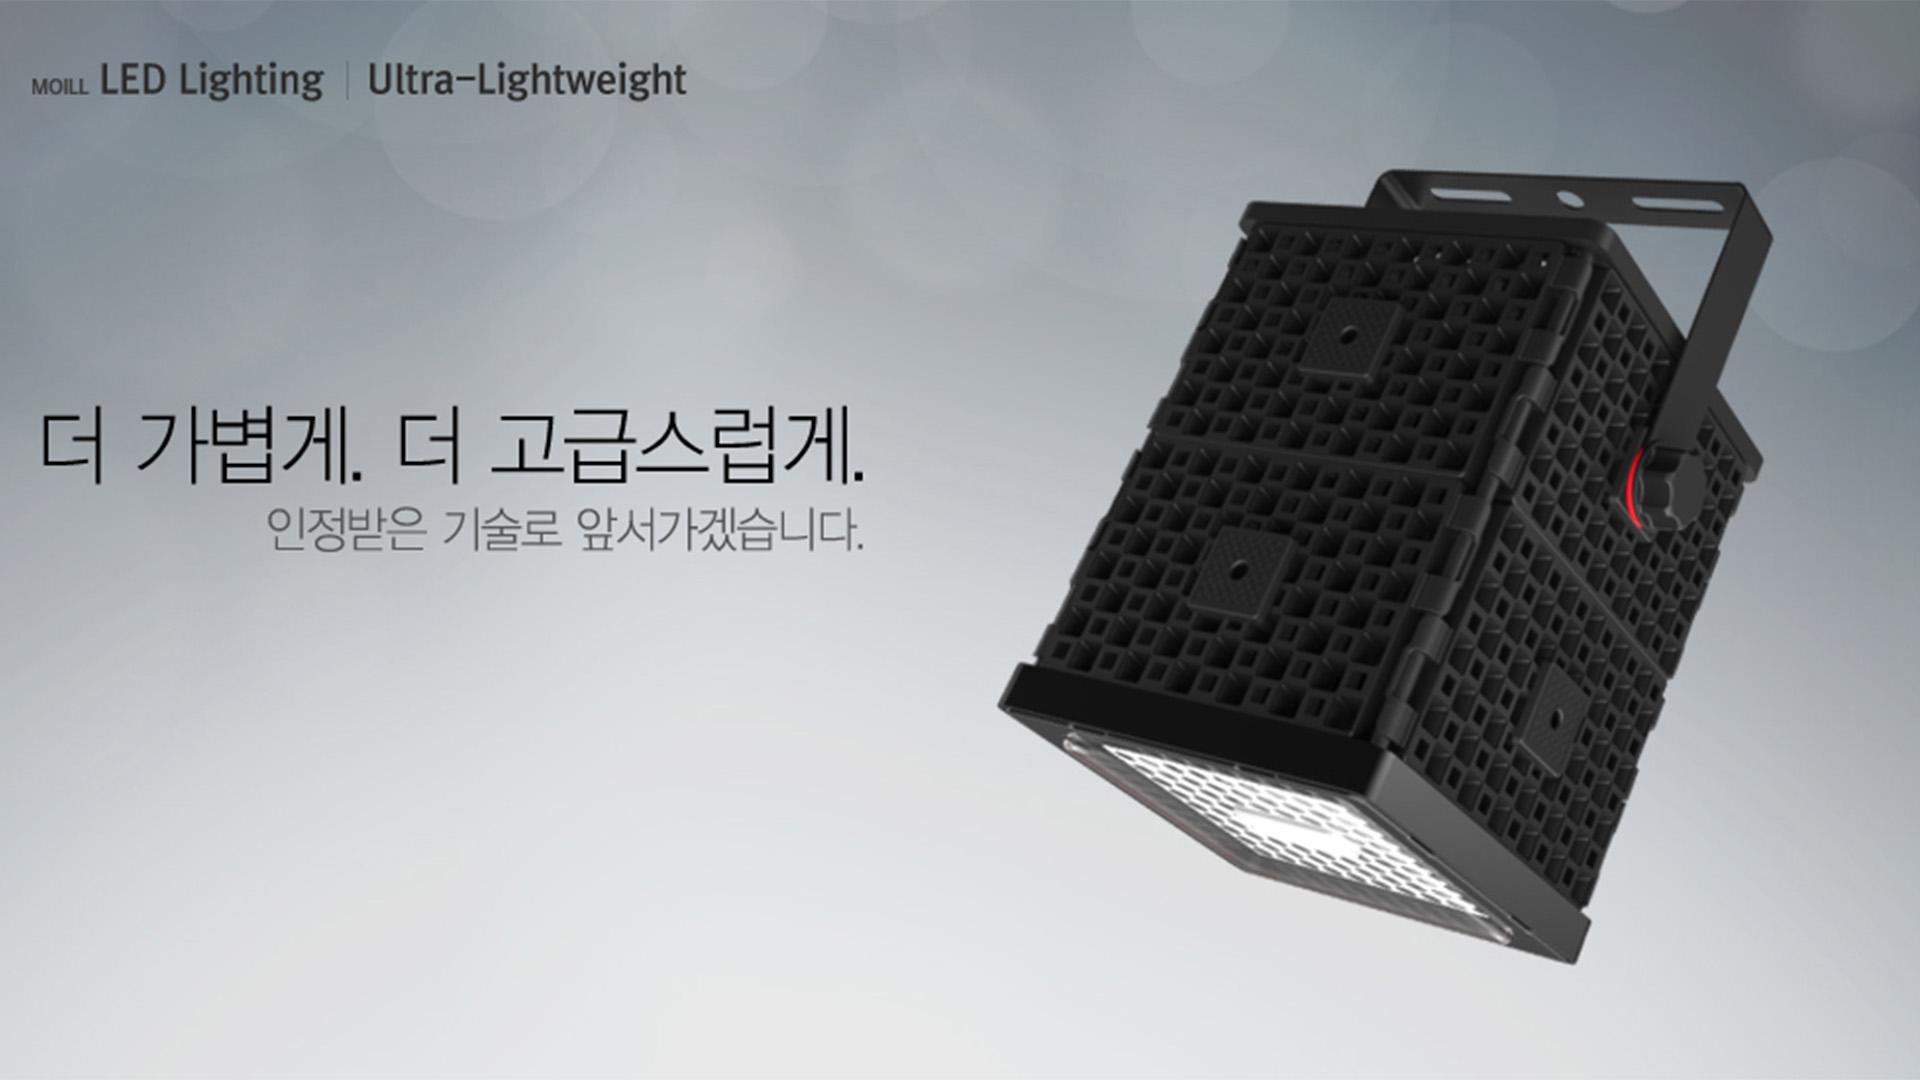 고출력 LED조명의 새로운 패러다임의 시작!